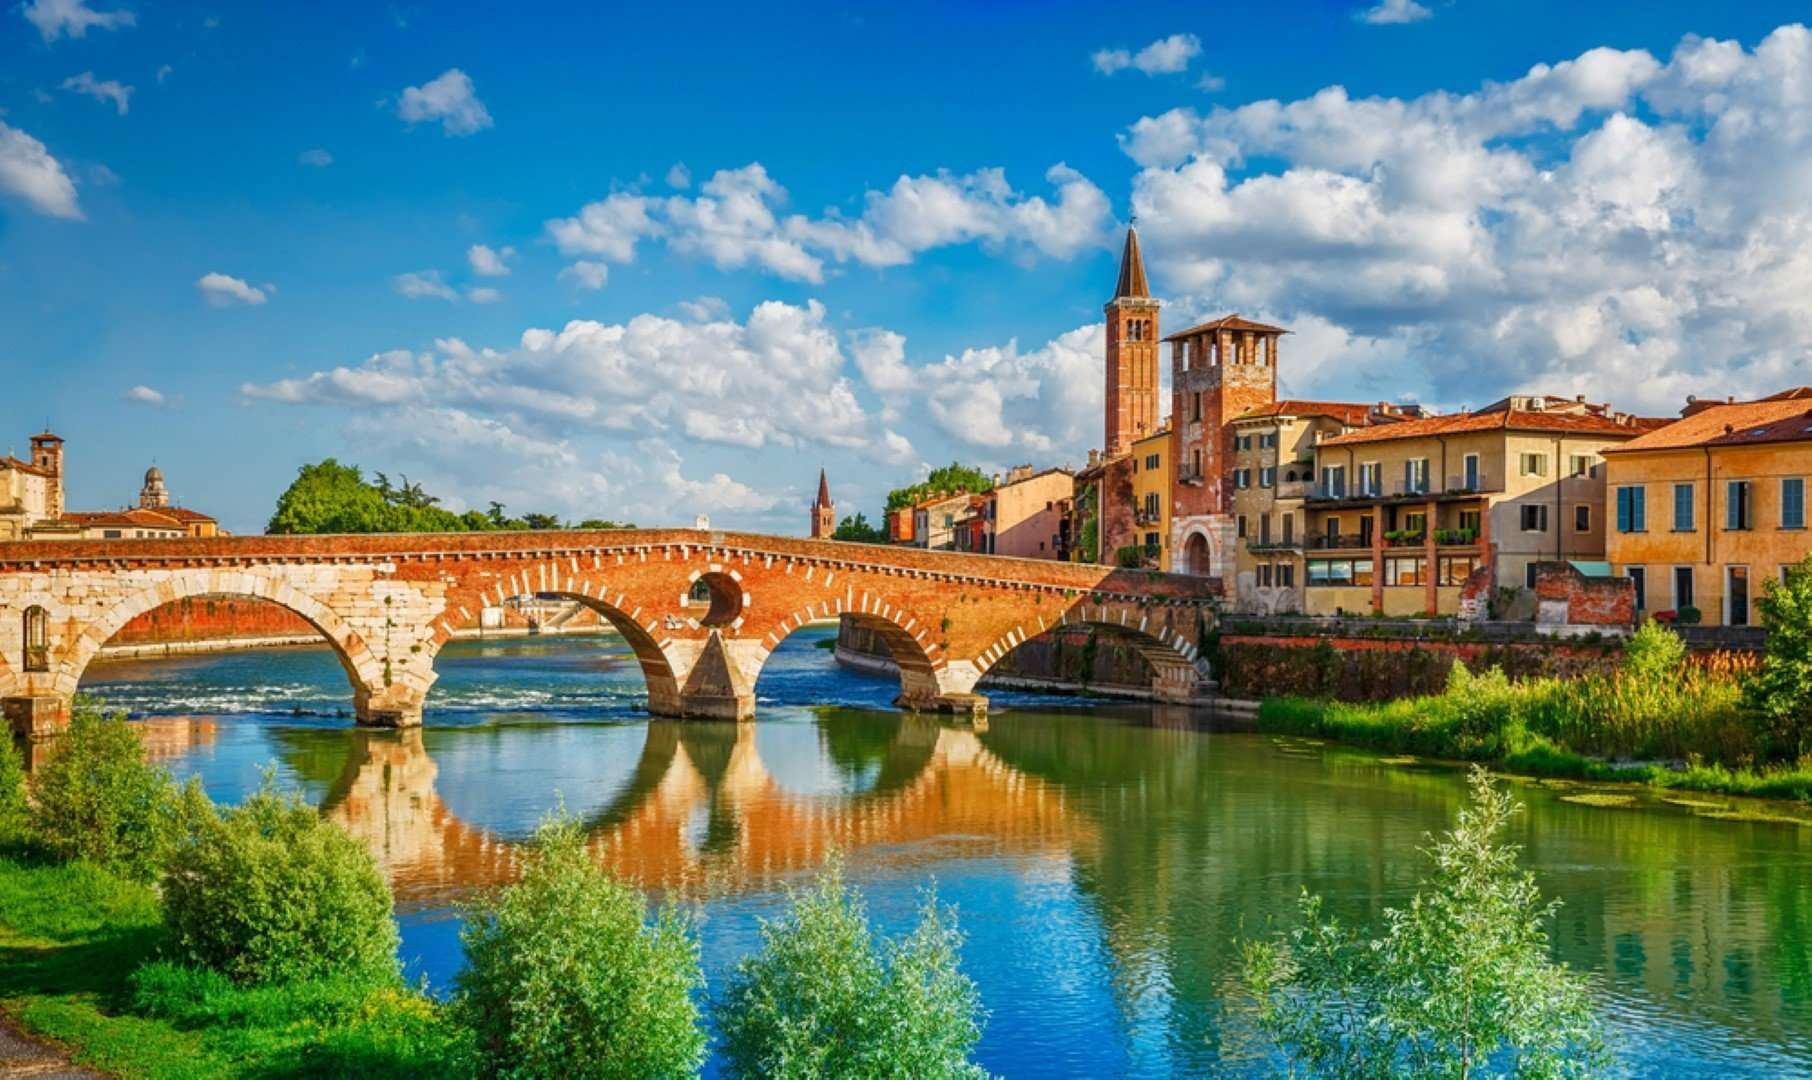 de brug ponte pietra in verona - italie